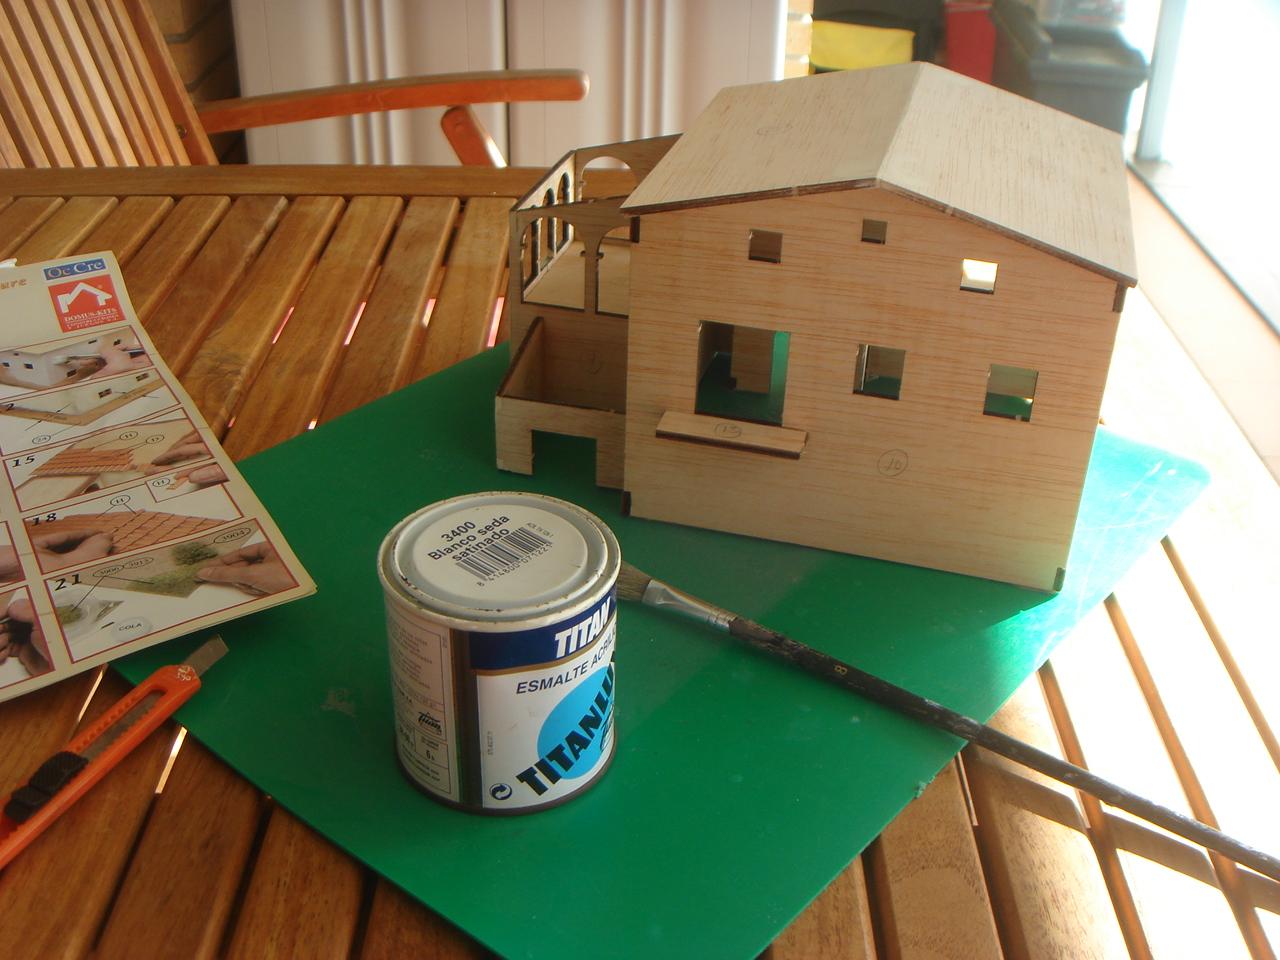 Simplementeaficiones maqueta construcci n paso a paso - Cosas para la casa originales ...